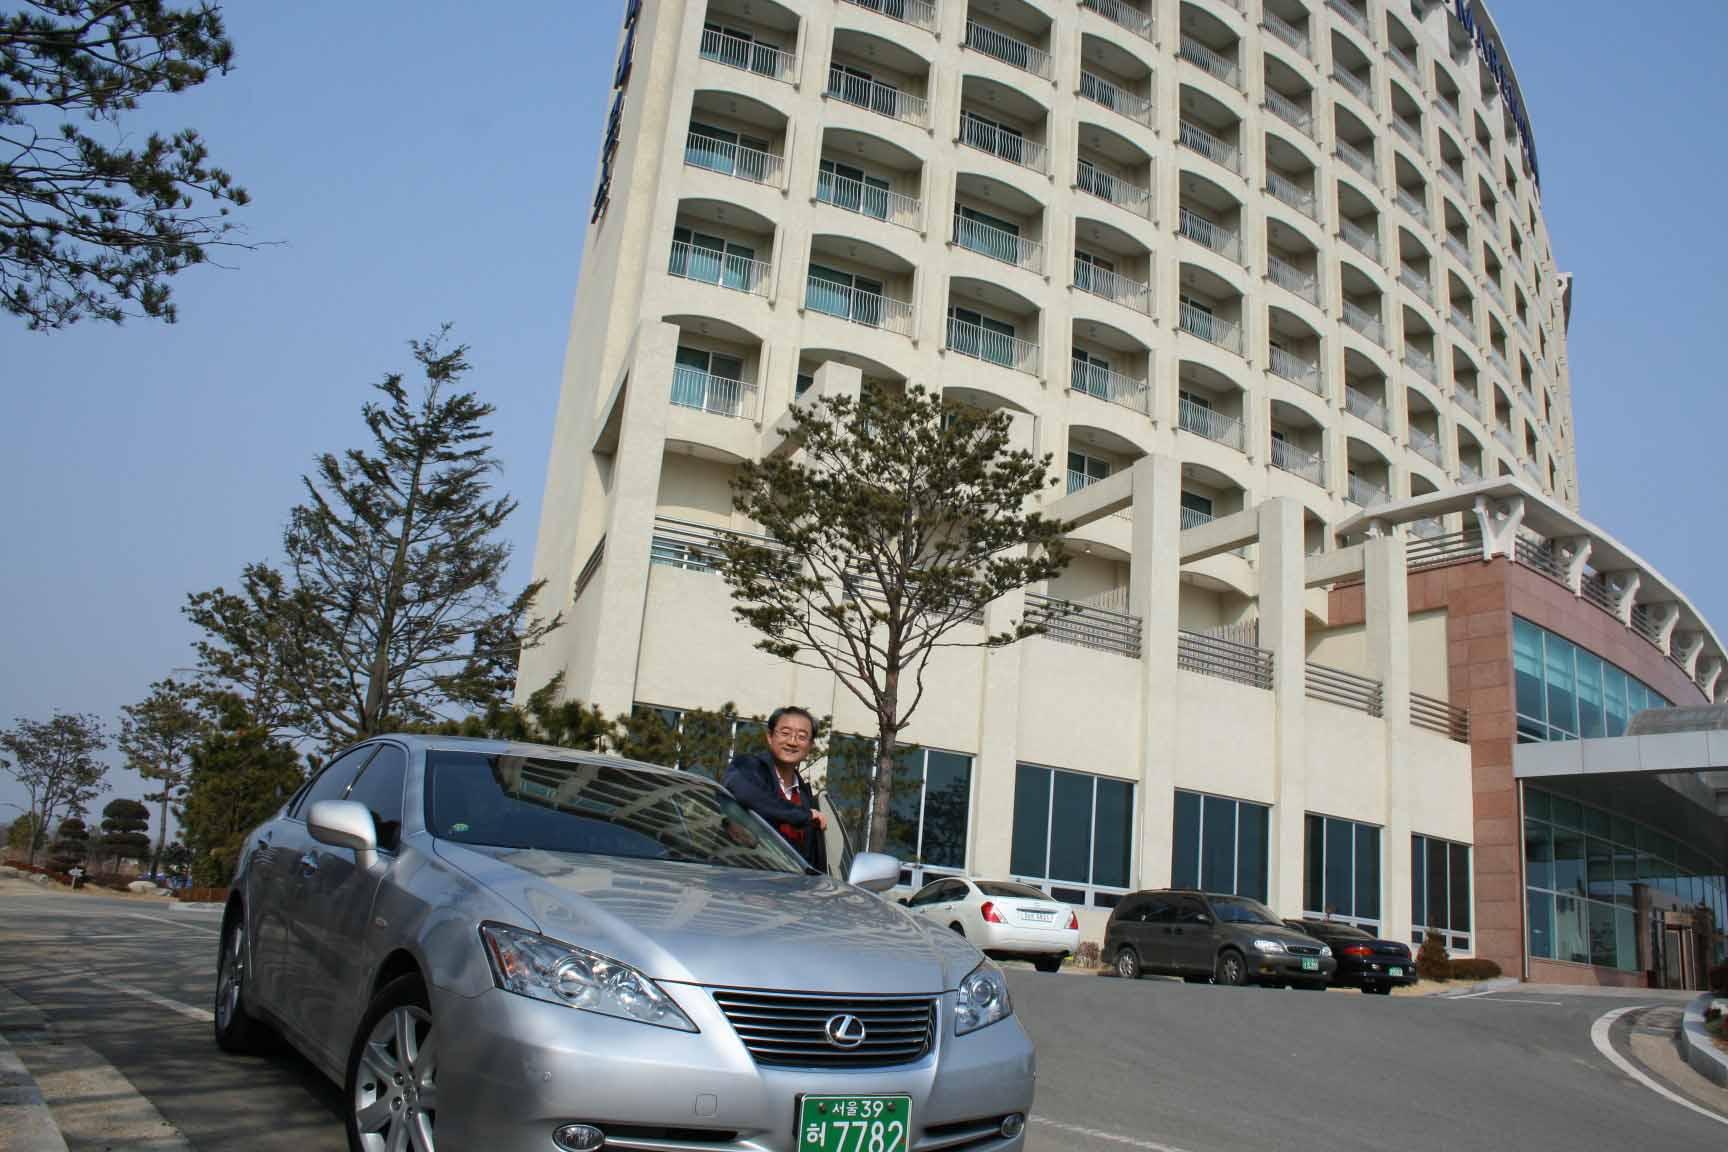 속초 마레몬스 호텔